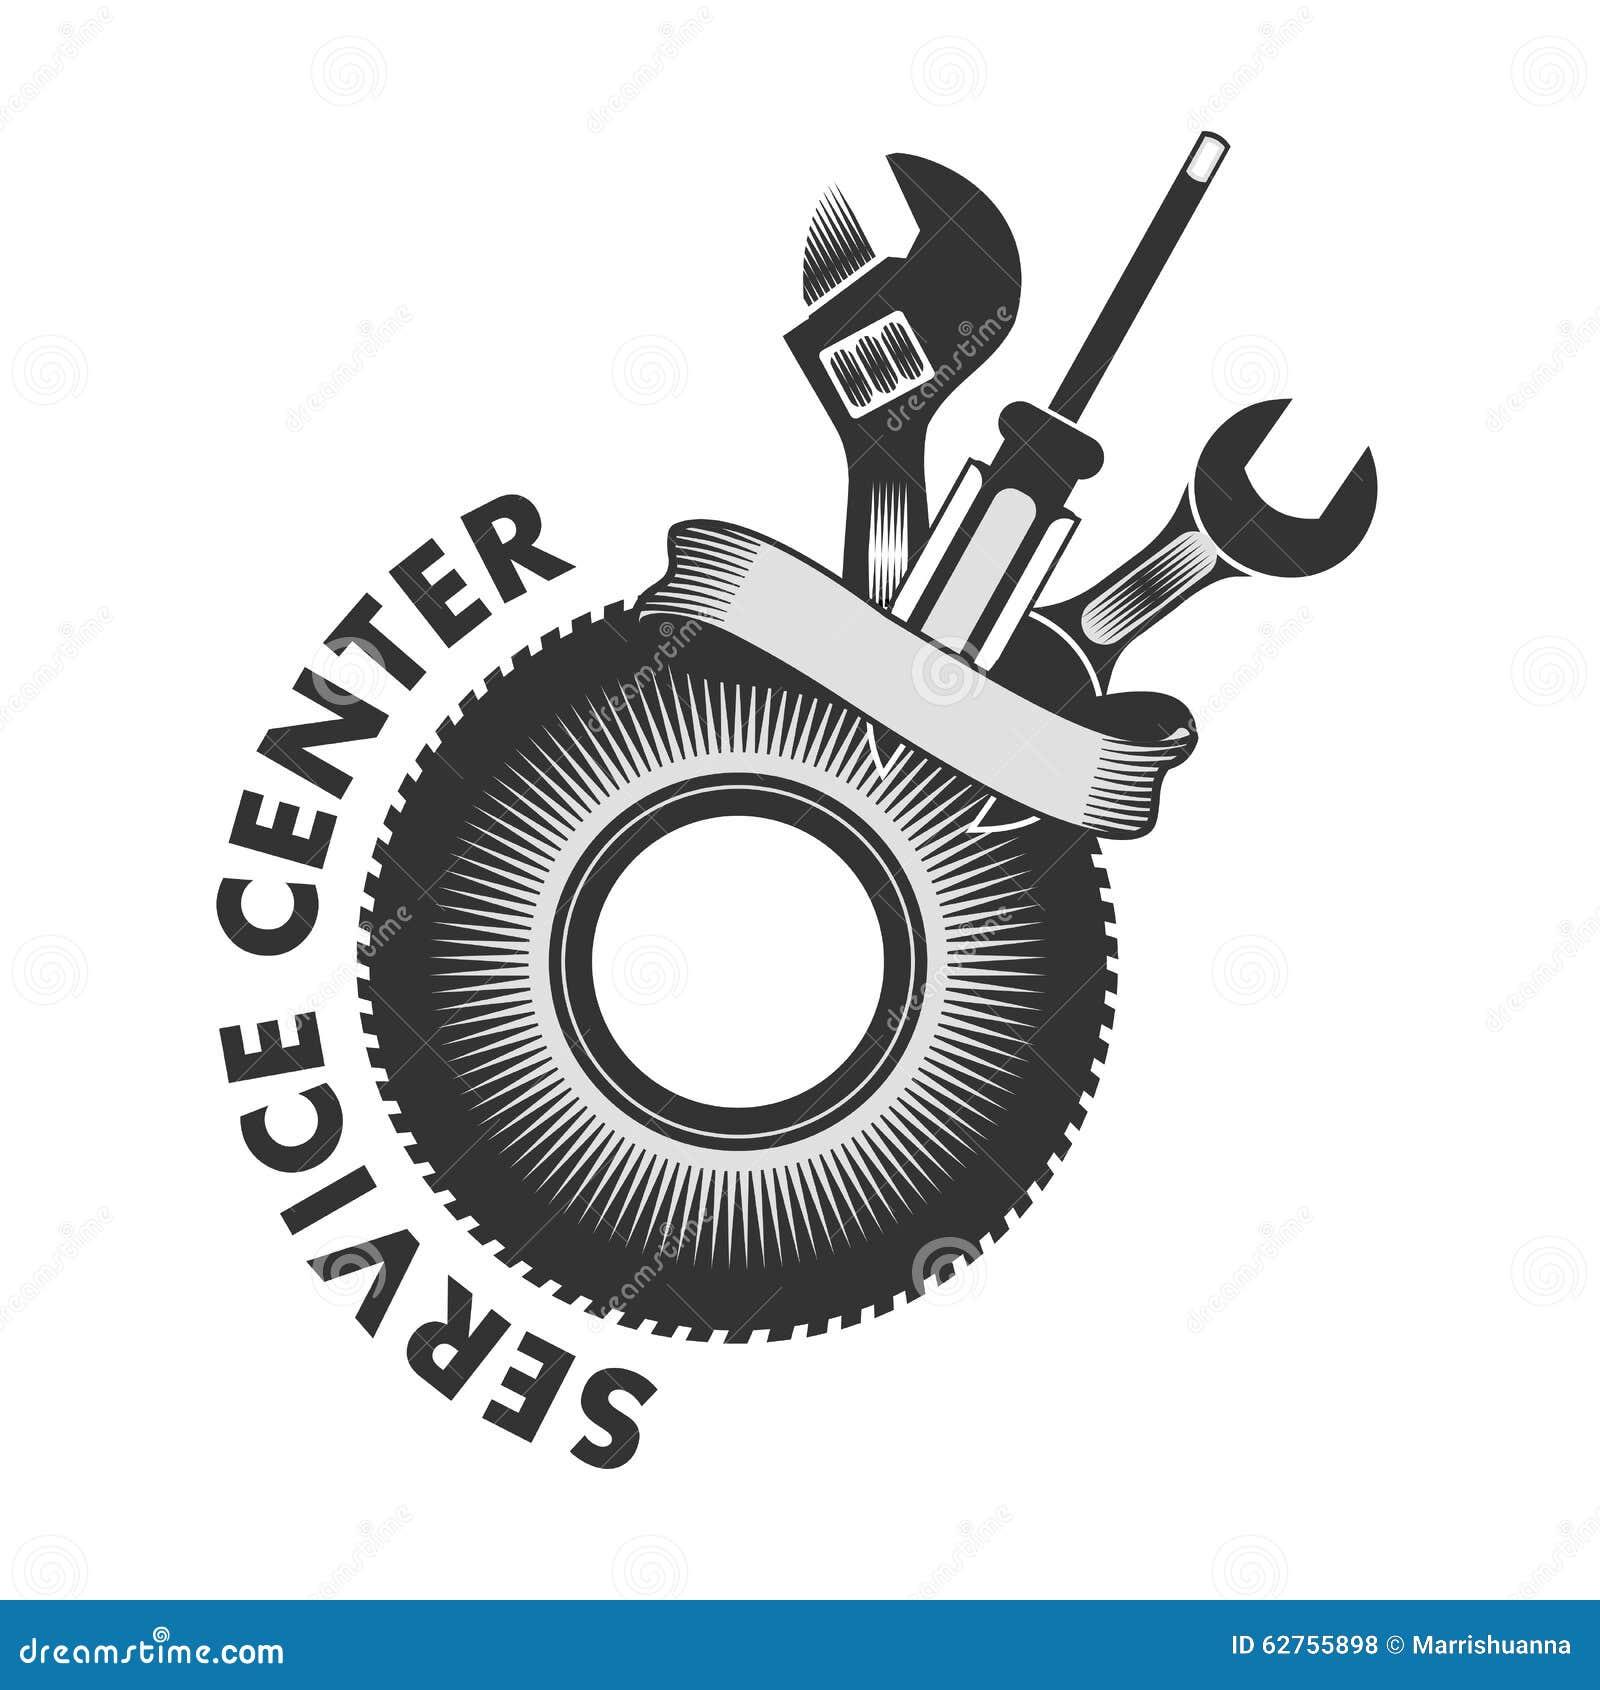 service center logo stock vector image 62755898 auto repair shop design ideas auto repair shop design